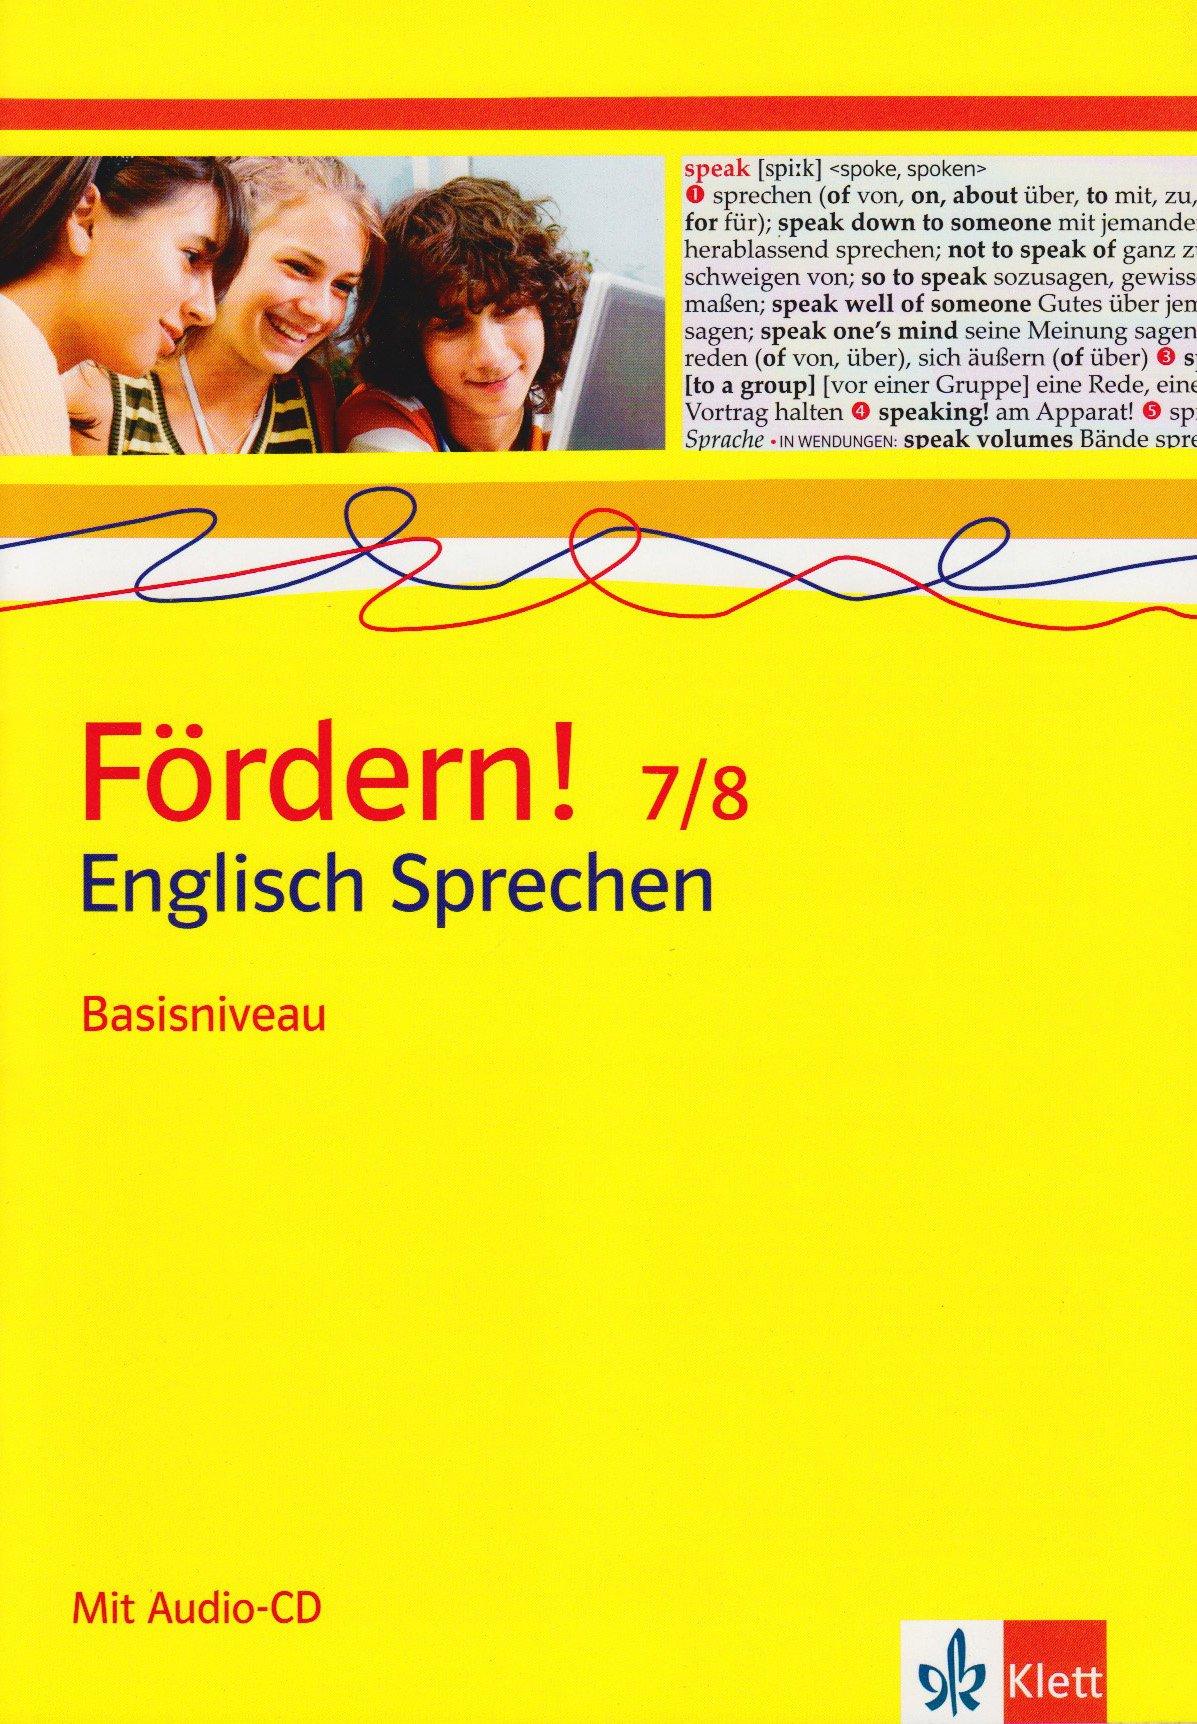 Fördern! Englisch / Sprechen Basisniveau 7./8. Klasse: Kopiervorlagen mit Audio-CD